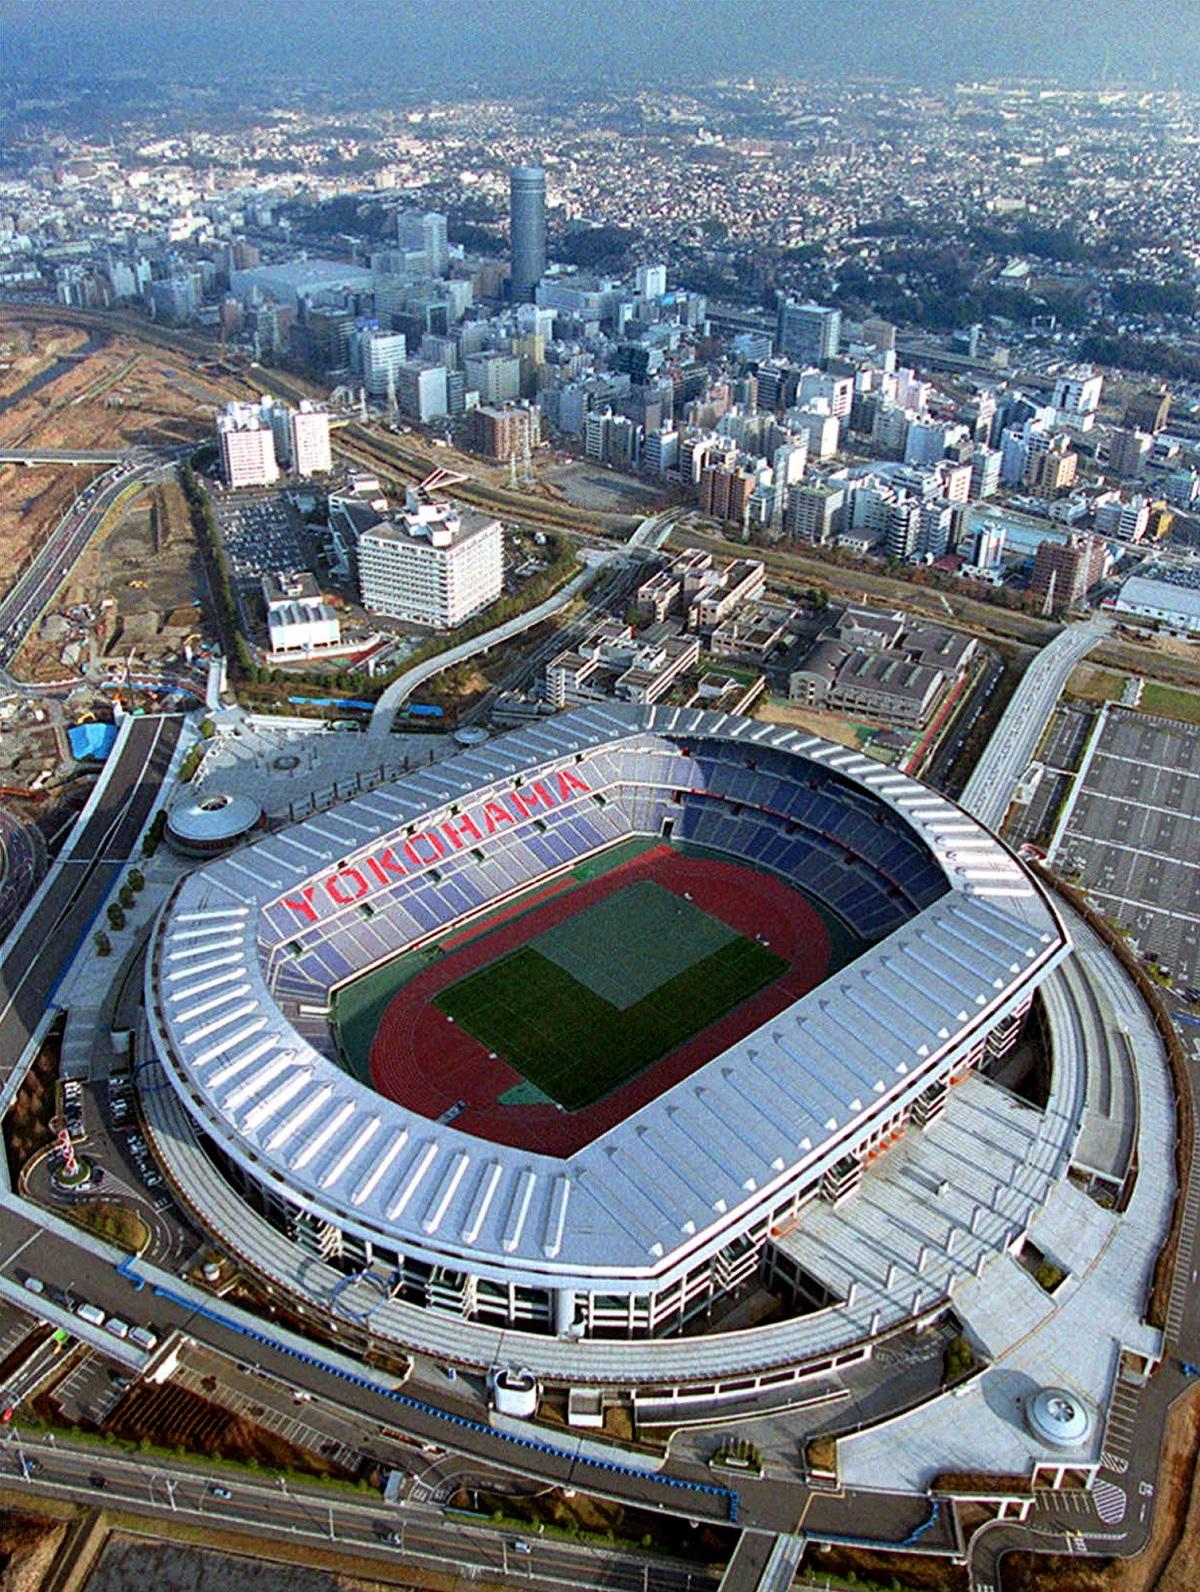 نمایی از استادیوم بین المللی یوکوهاما